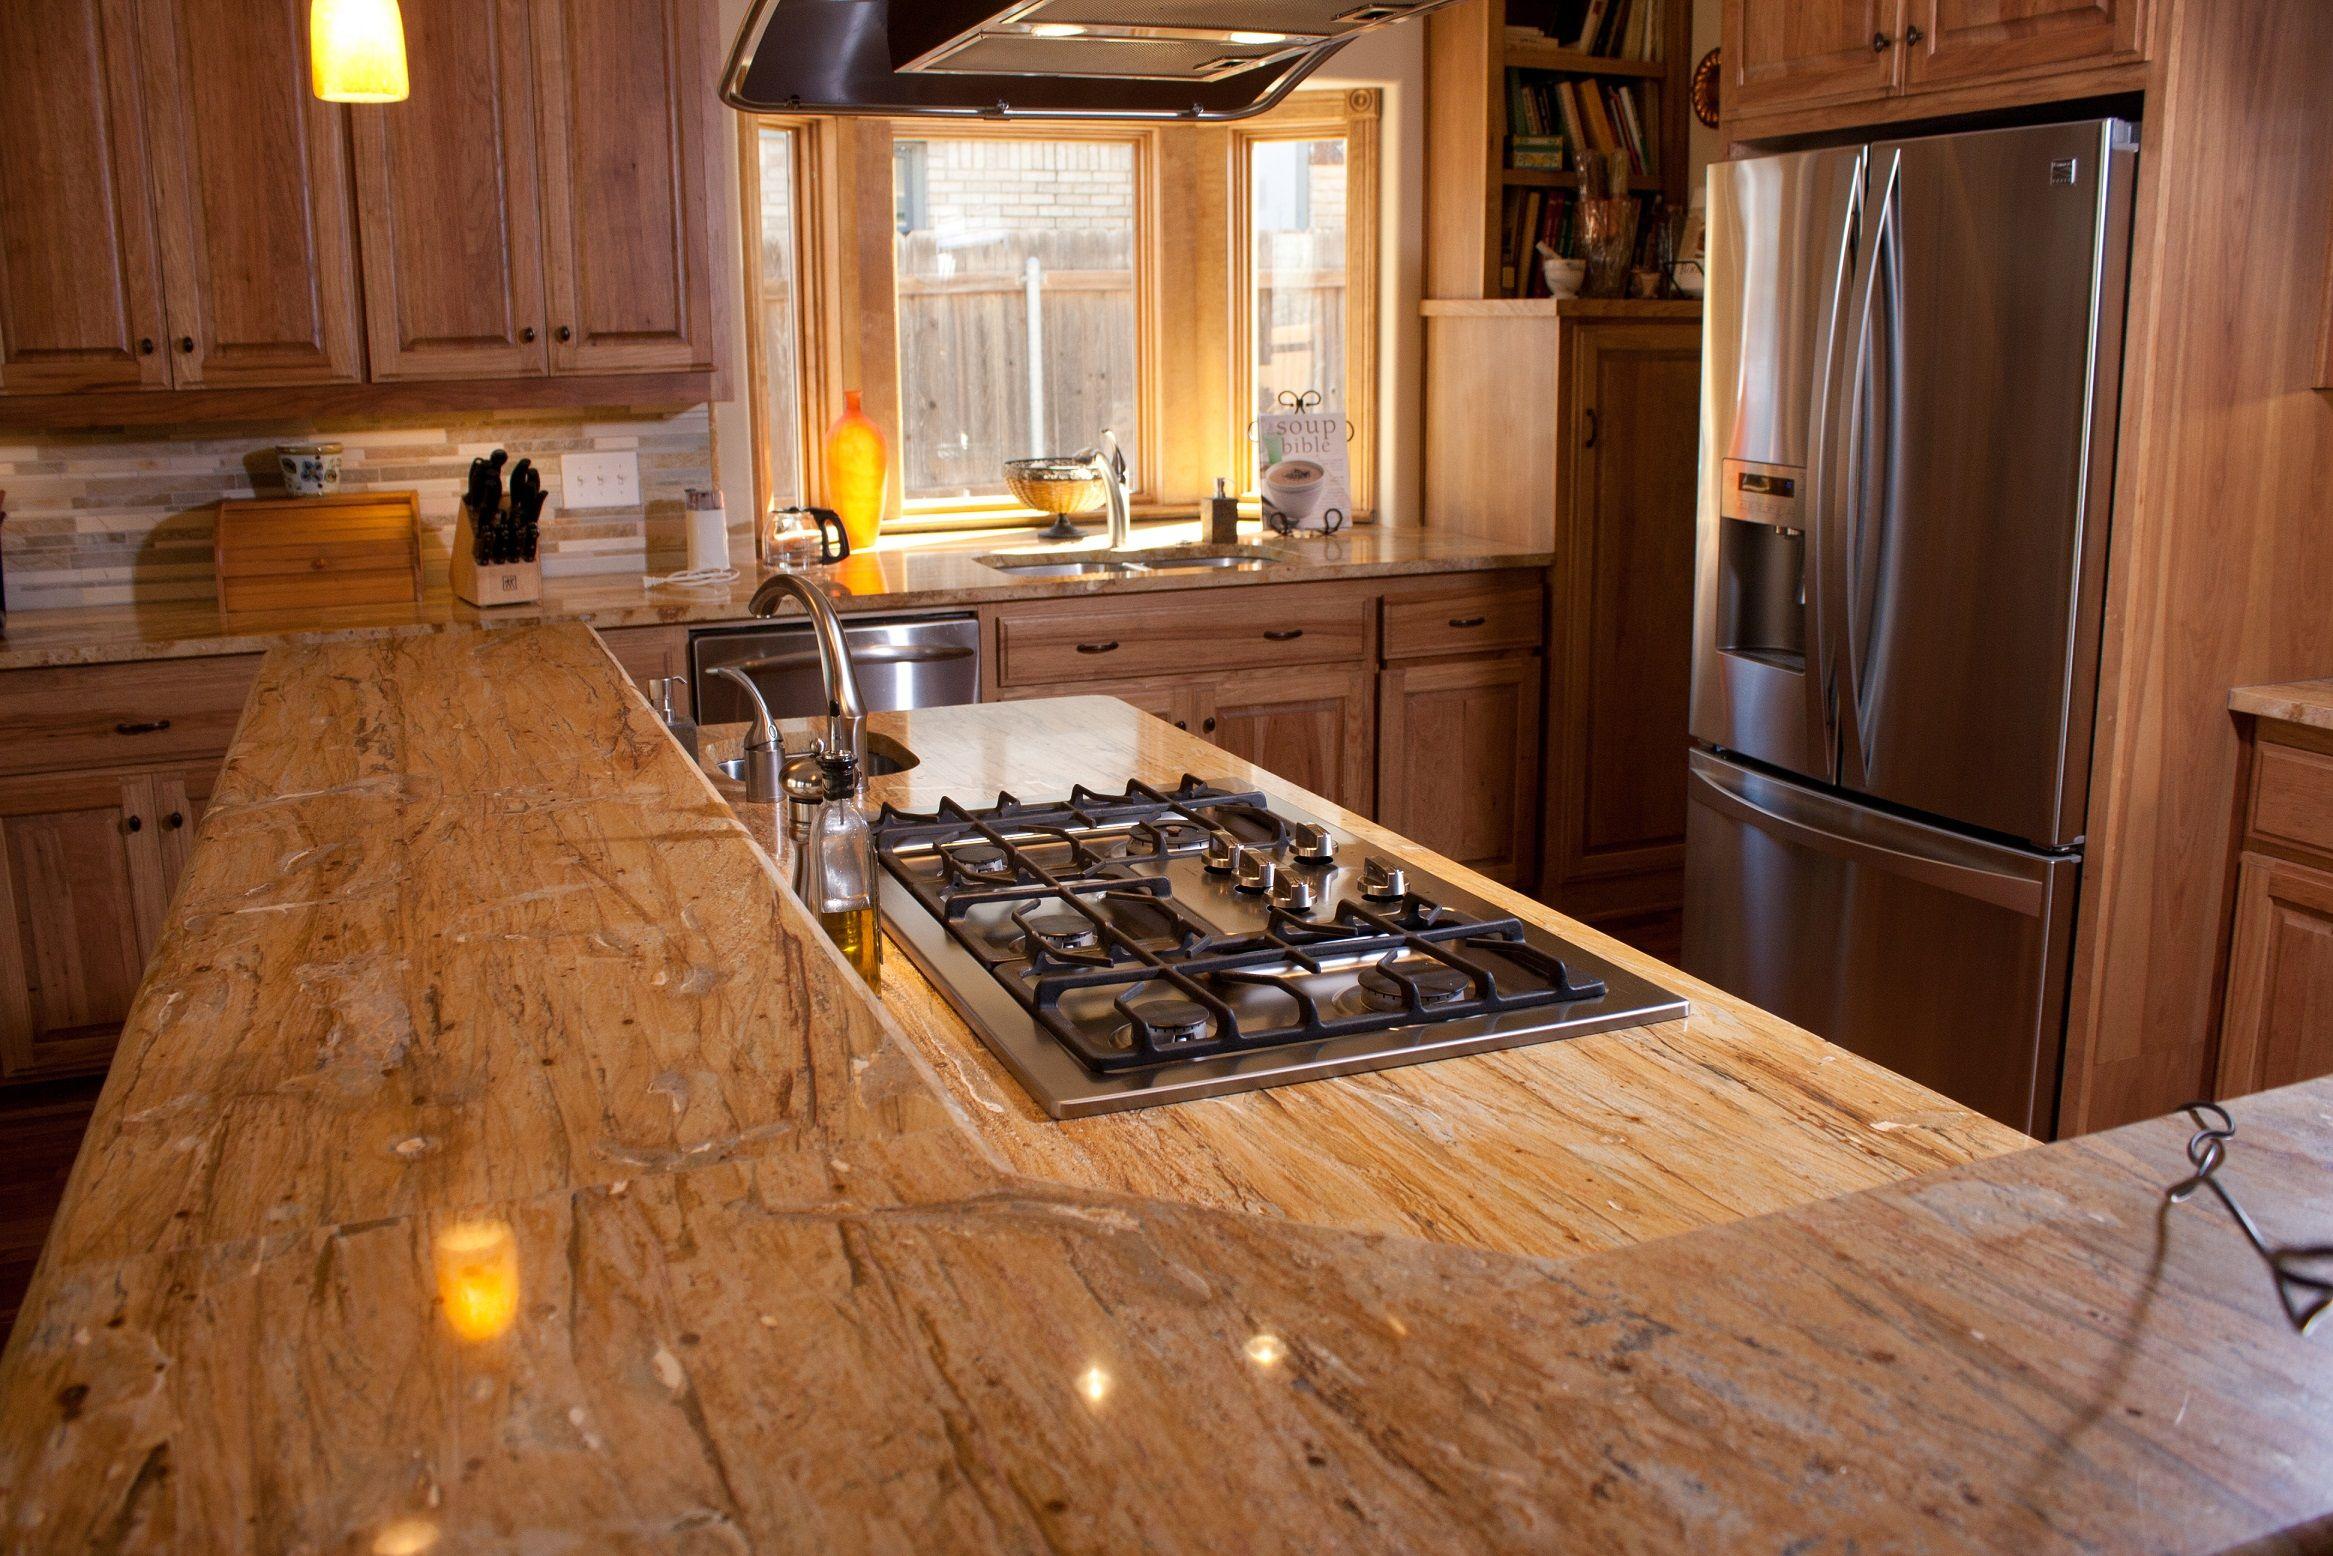 Fliese Arbeitsplatte Weiss Granit Kuche Kosten Die Arbeitsplatten Zu Ersetzen Mit Kitchen Countertops Outdoor Kitchen Countertops Granite Countertops Kitchen